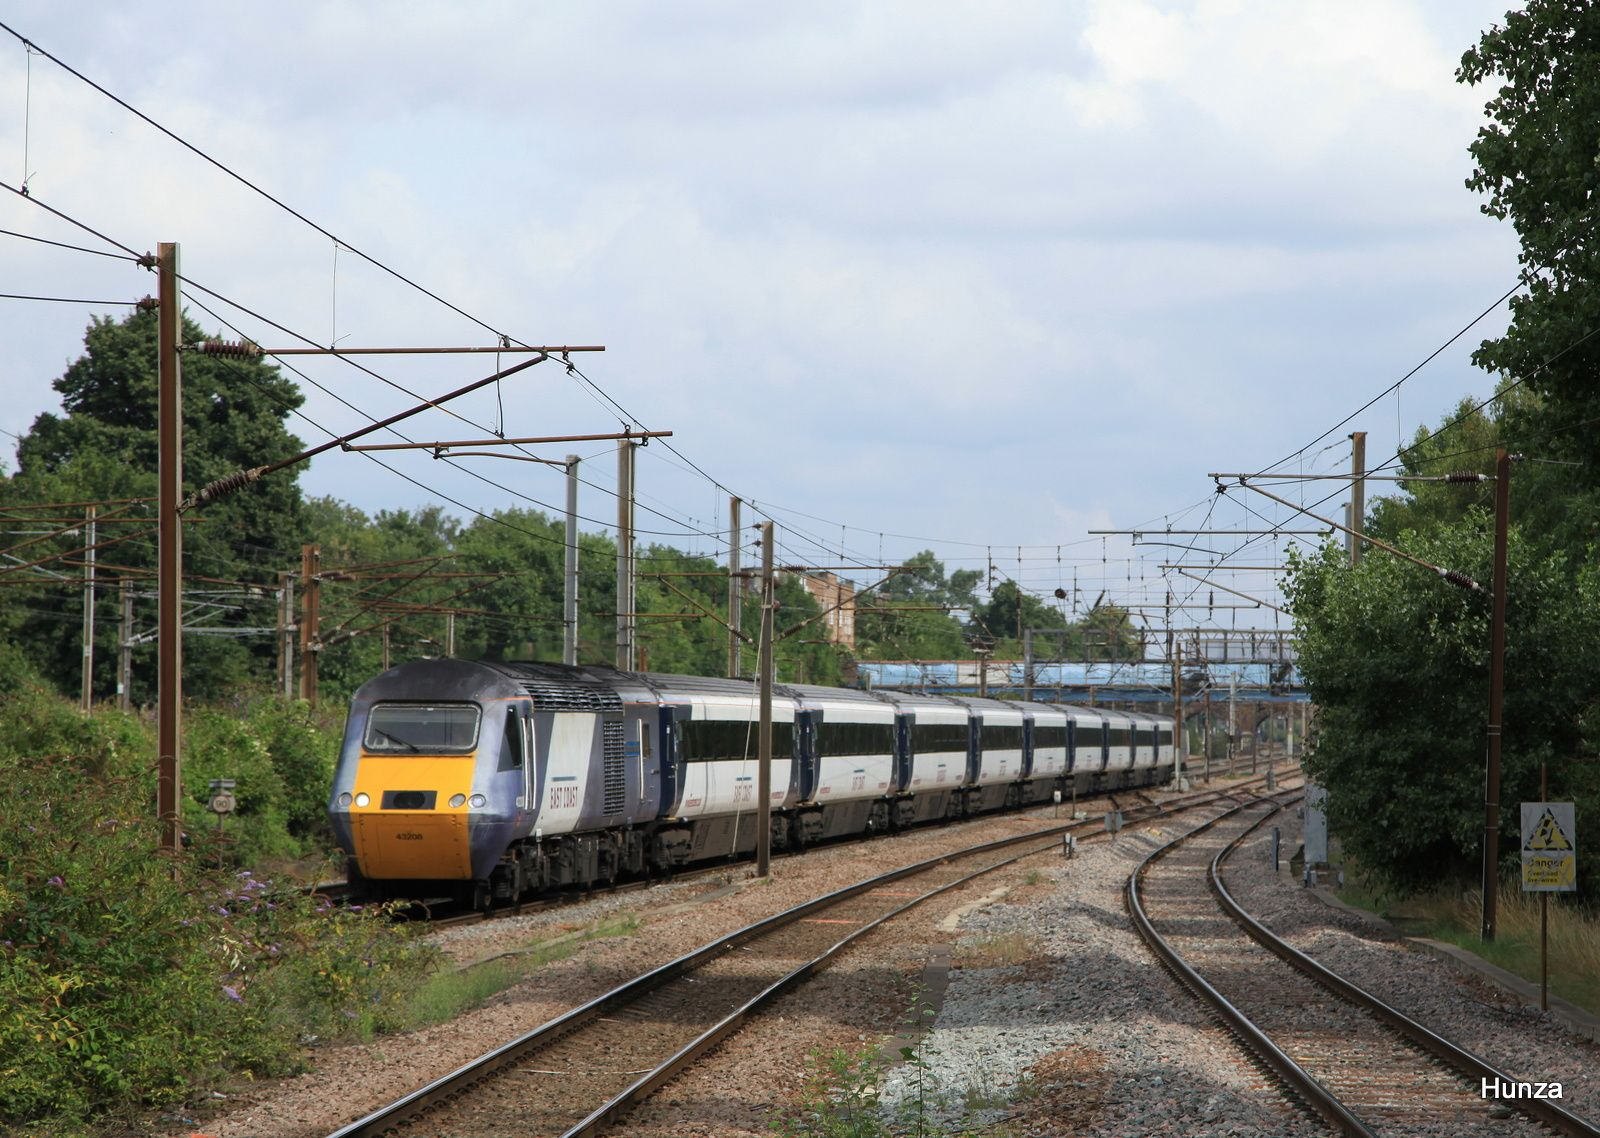 Rame Intercity 125 de la compagnie East Coast près de Finnsbury Park